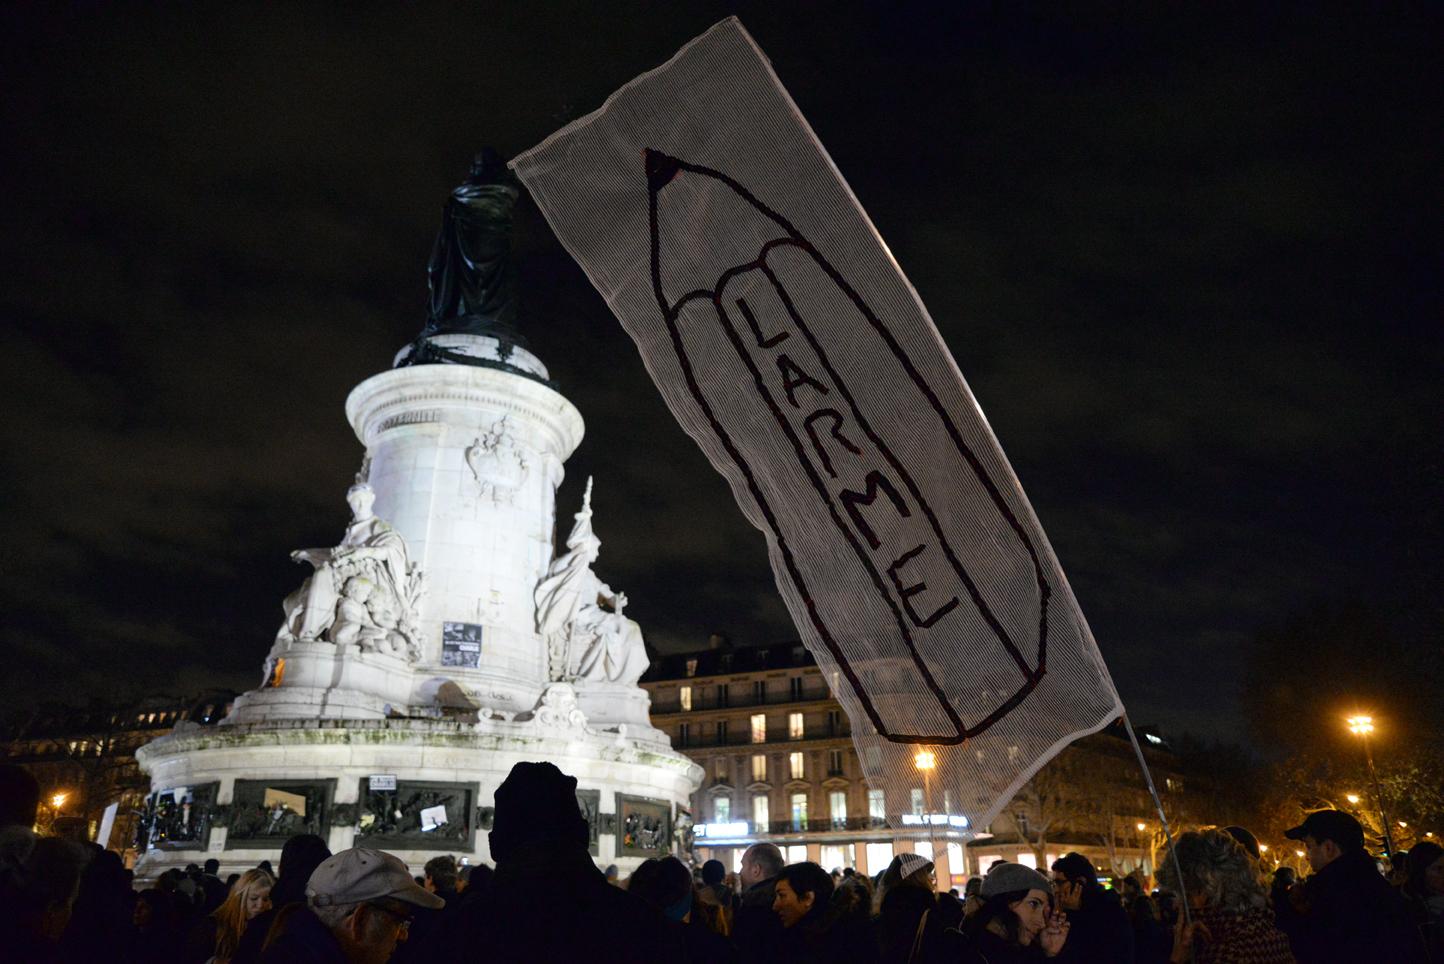 París ahora no es una fiesta, pero gracias a los lápices tampoco una guerra.